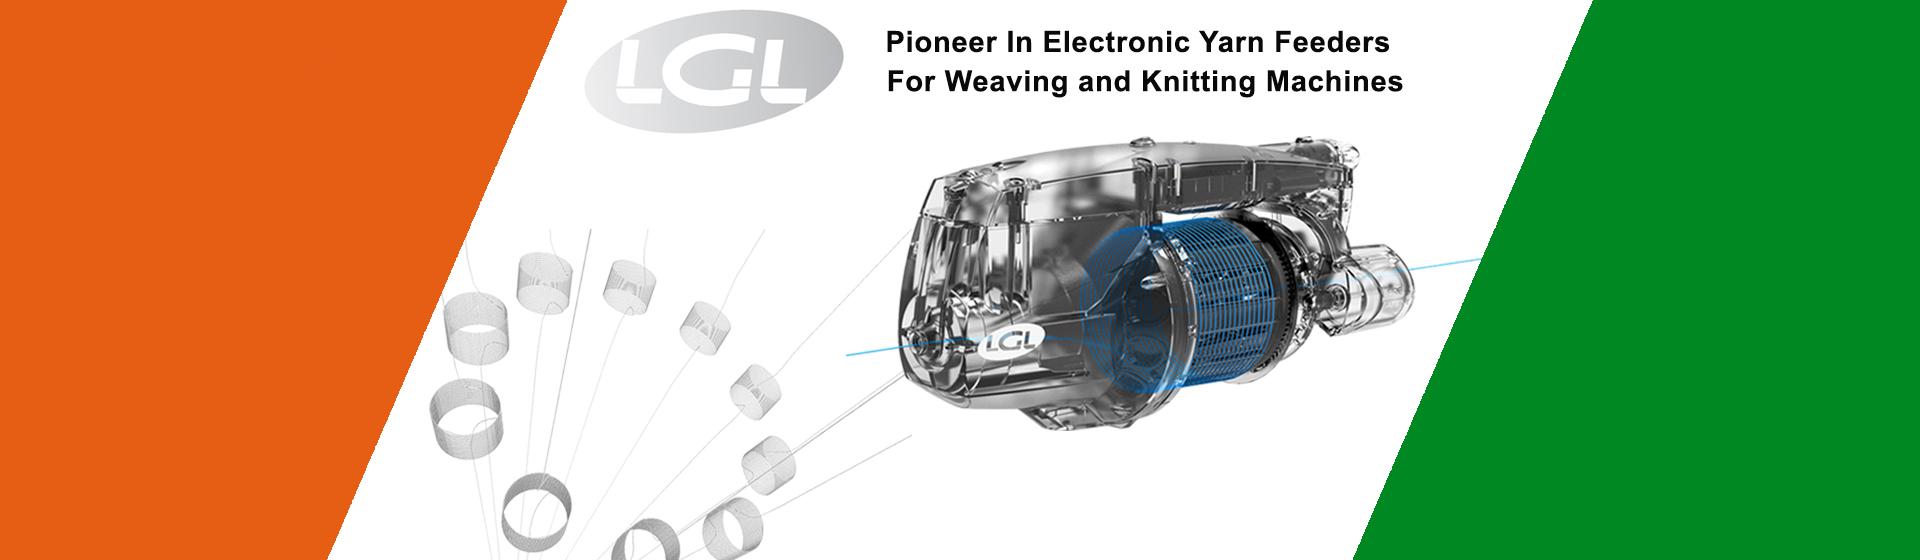 lgl electronics product